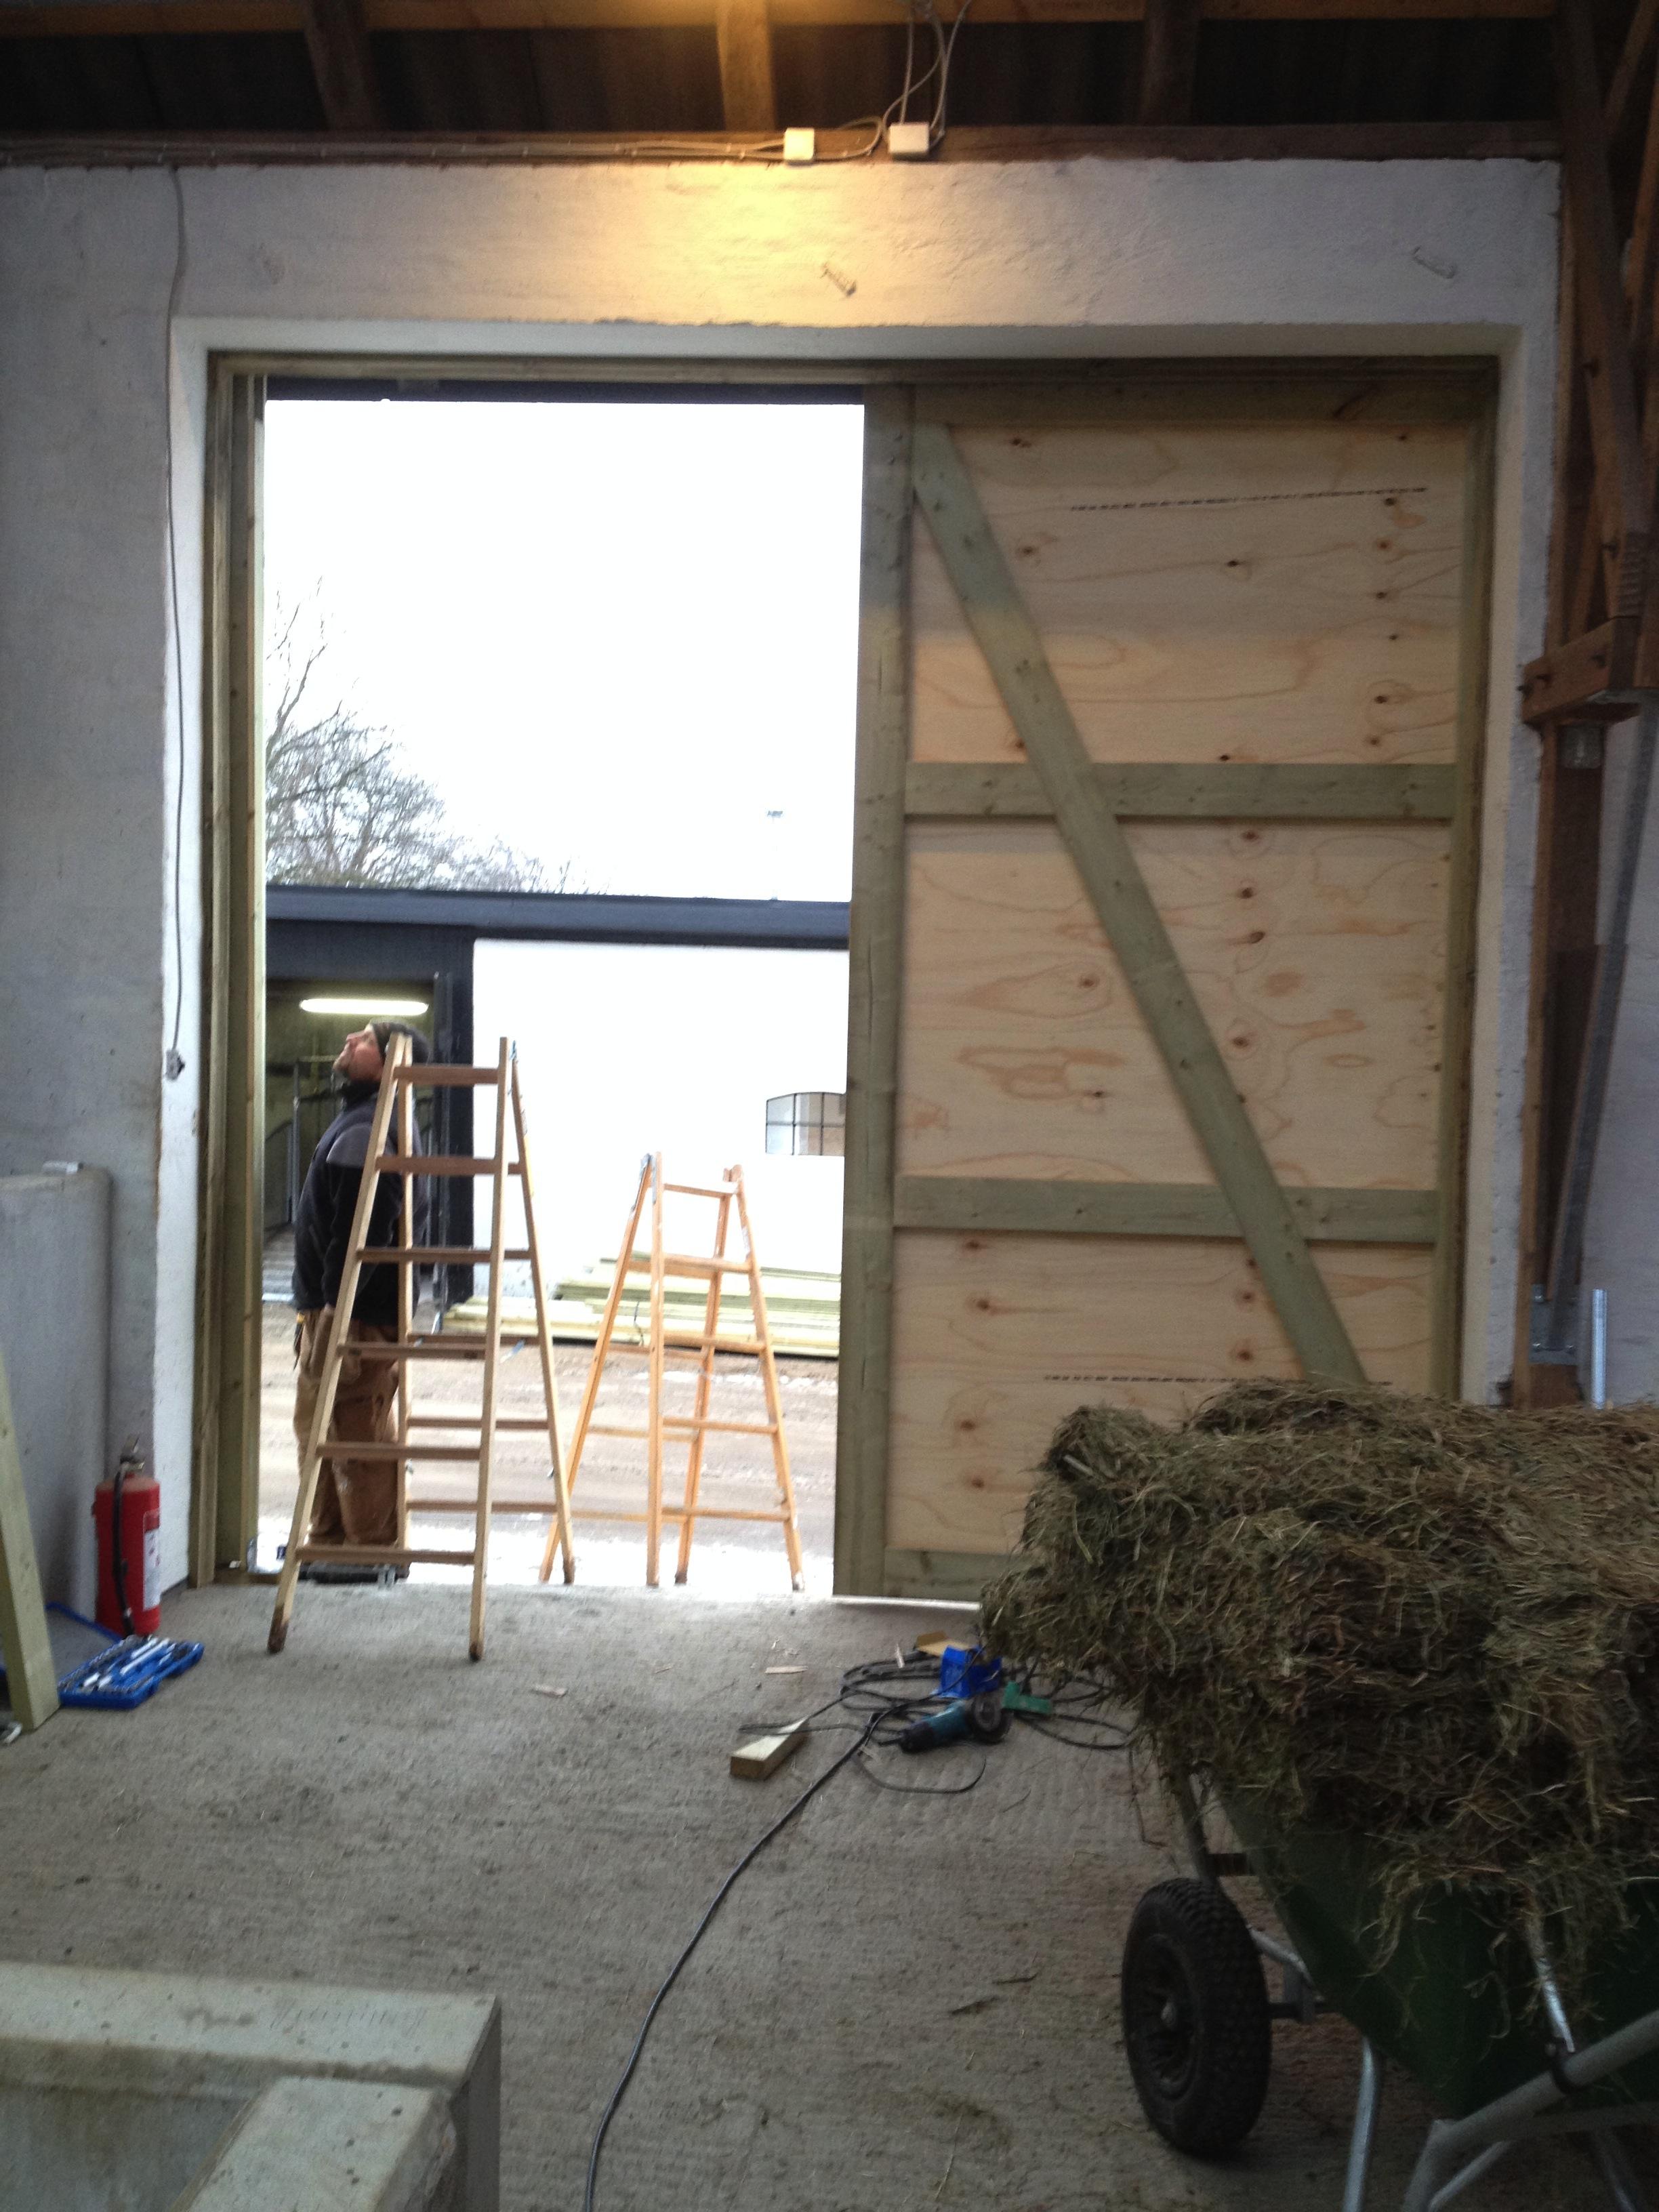 Store porte på ridehal under opførelse.